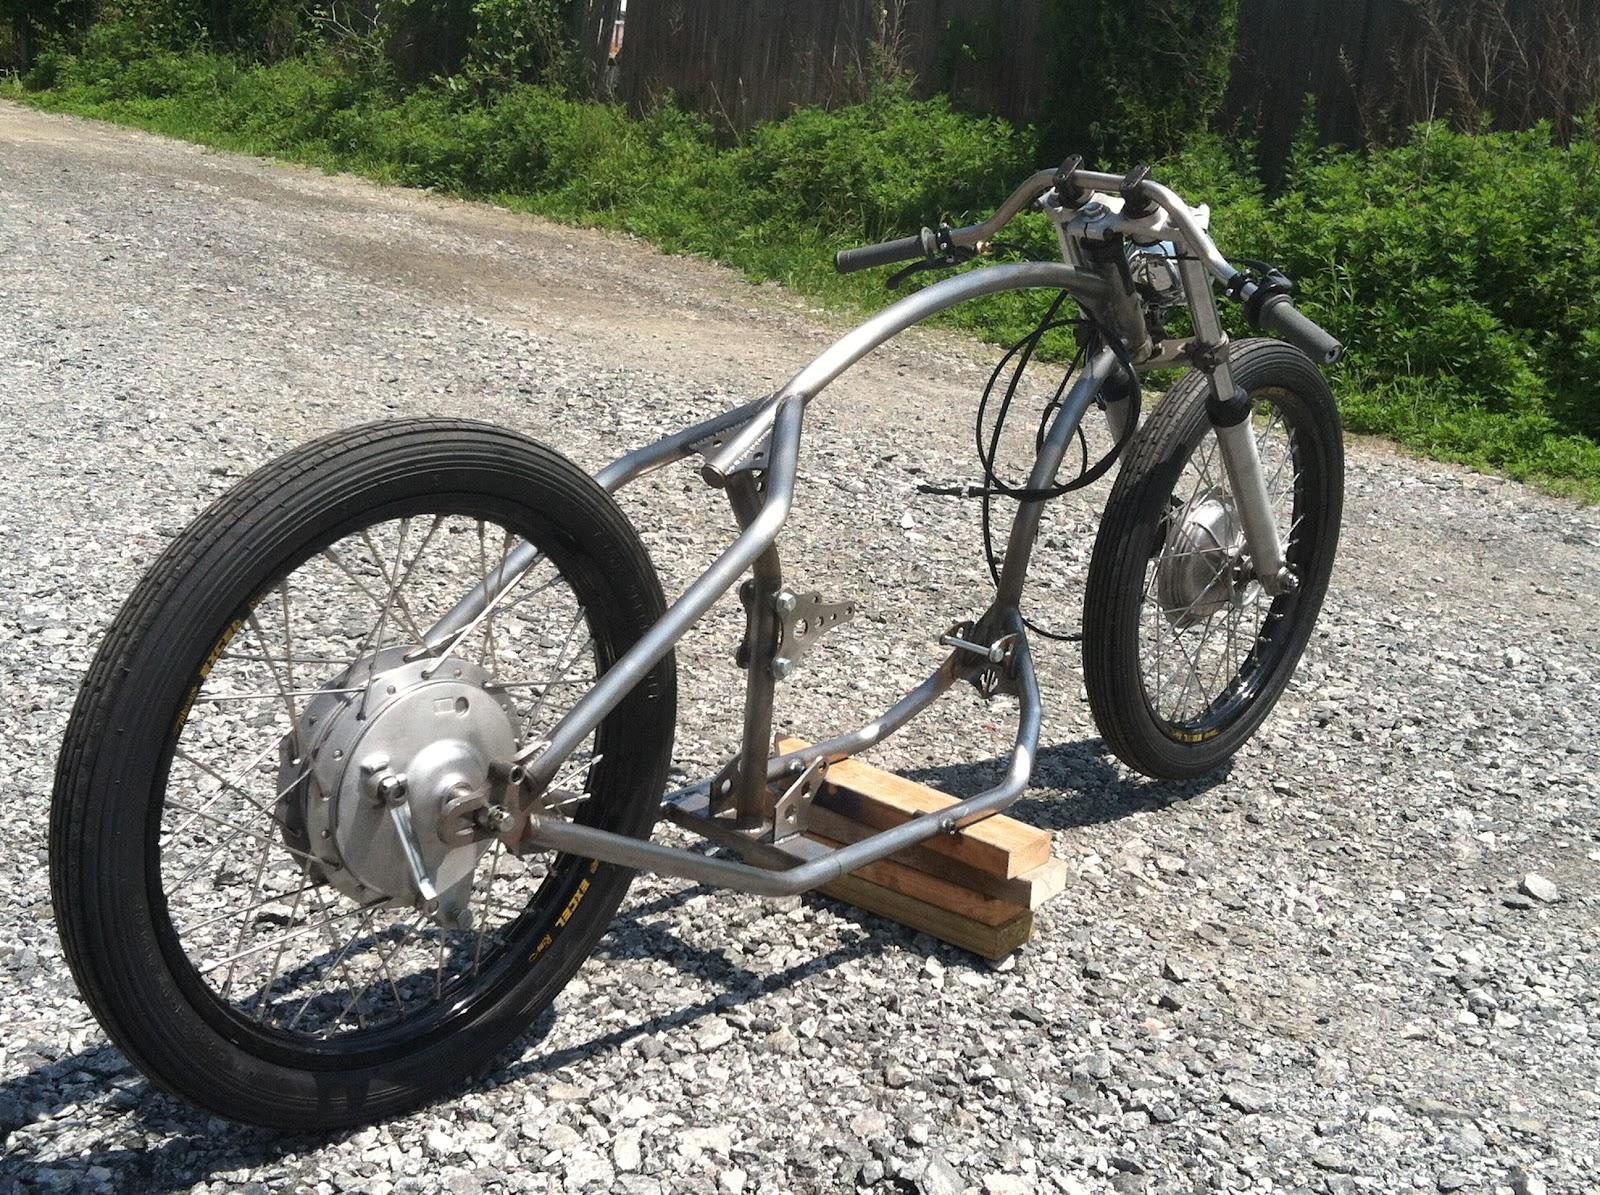 Voodoo Vintage Roller - For Sale! - Hughs Hand Built